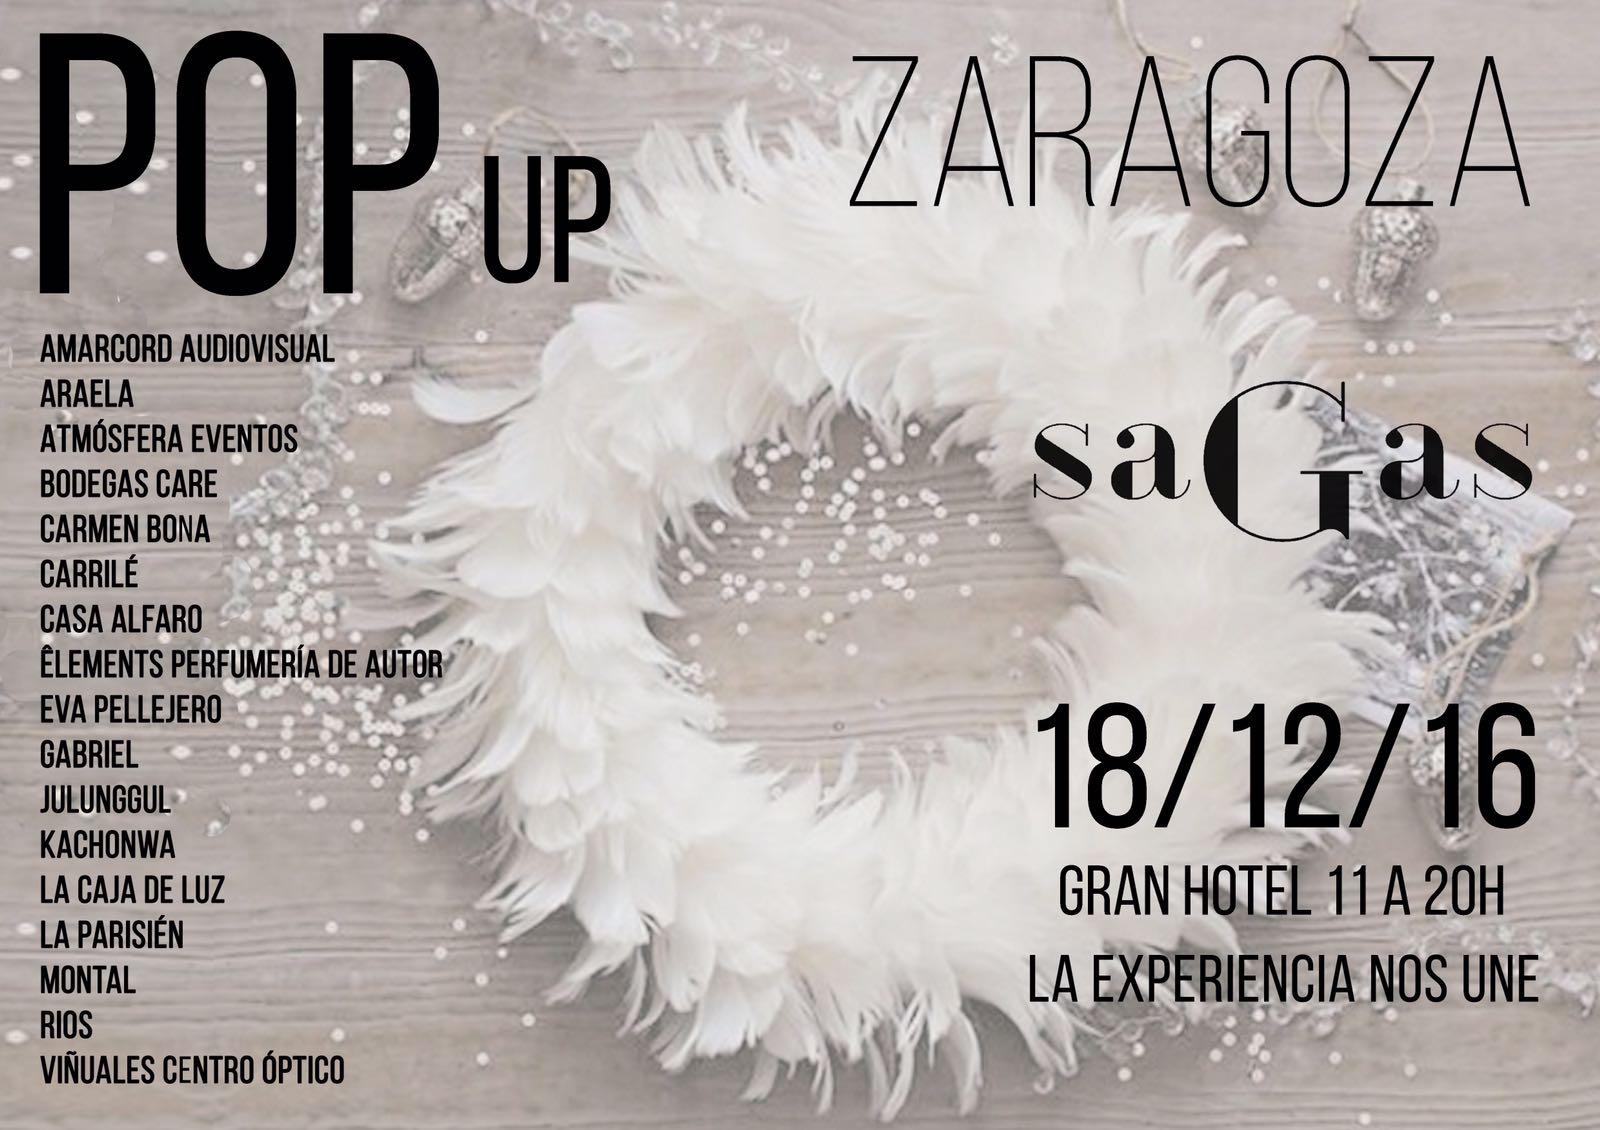 popup sagas 2016, mercadillo navideño sollidario en Zaragoza, Araela, Eva Pellejero